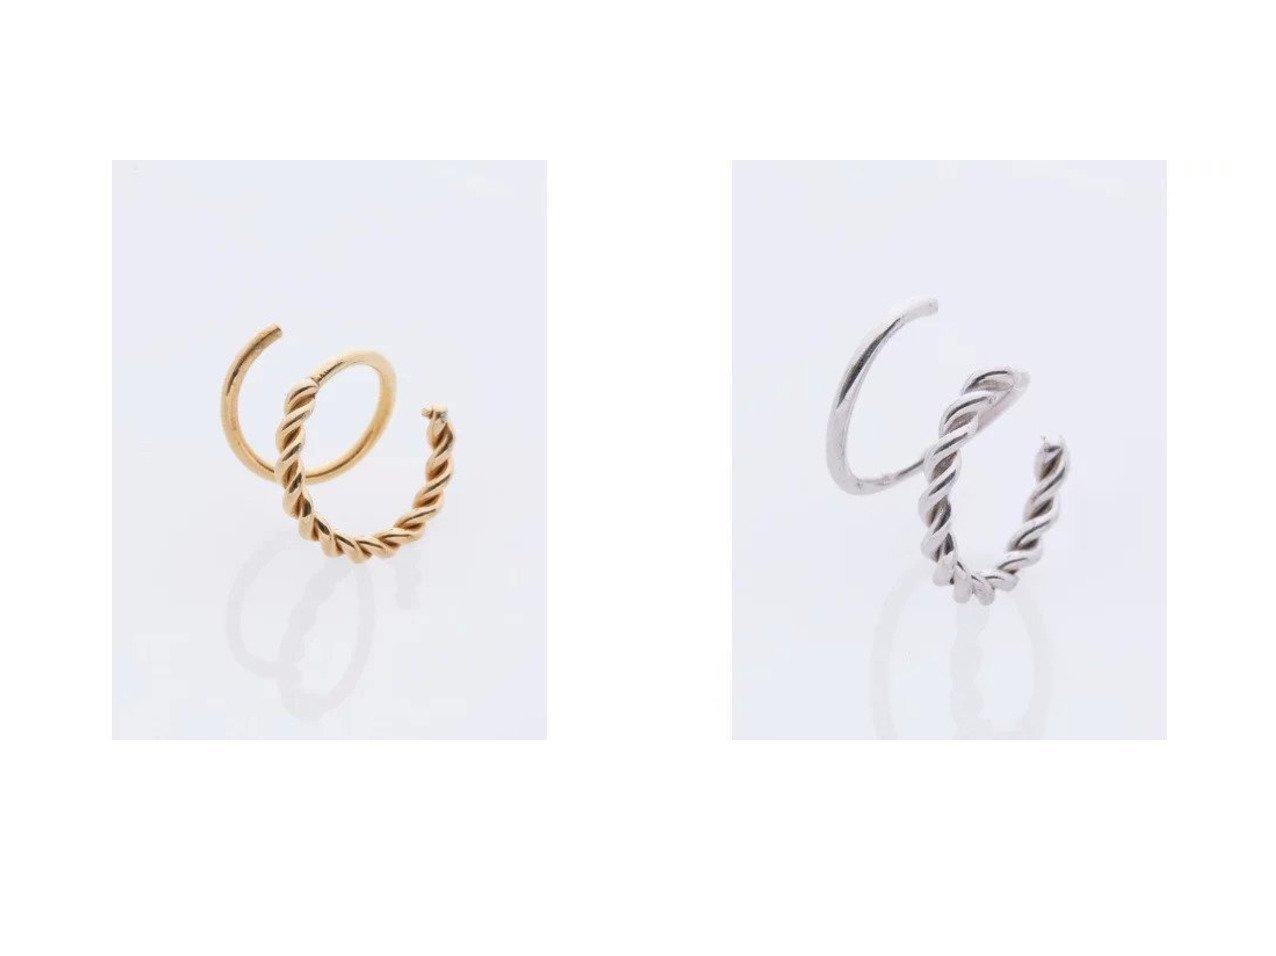 【MARIA BLACK/マリア ブラック】のSofia Twirl Earring&Sofia Twirl Earring おすすめ!人気、トレンド・レディースファッションの通販 おすすめで人気の流行・トレンド、ファッションの通販商品 インテリア・家具・メンズファッション・キッズファッション・レディースファッション・服の通販 founy(ファニー) https://founy.com/ ファッション Fashion レディースファッション WOMEN ジュエリー Jewelry リング Rings イヤリング Earrings アクセサリー フープ  ID:crp329100000062507